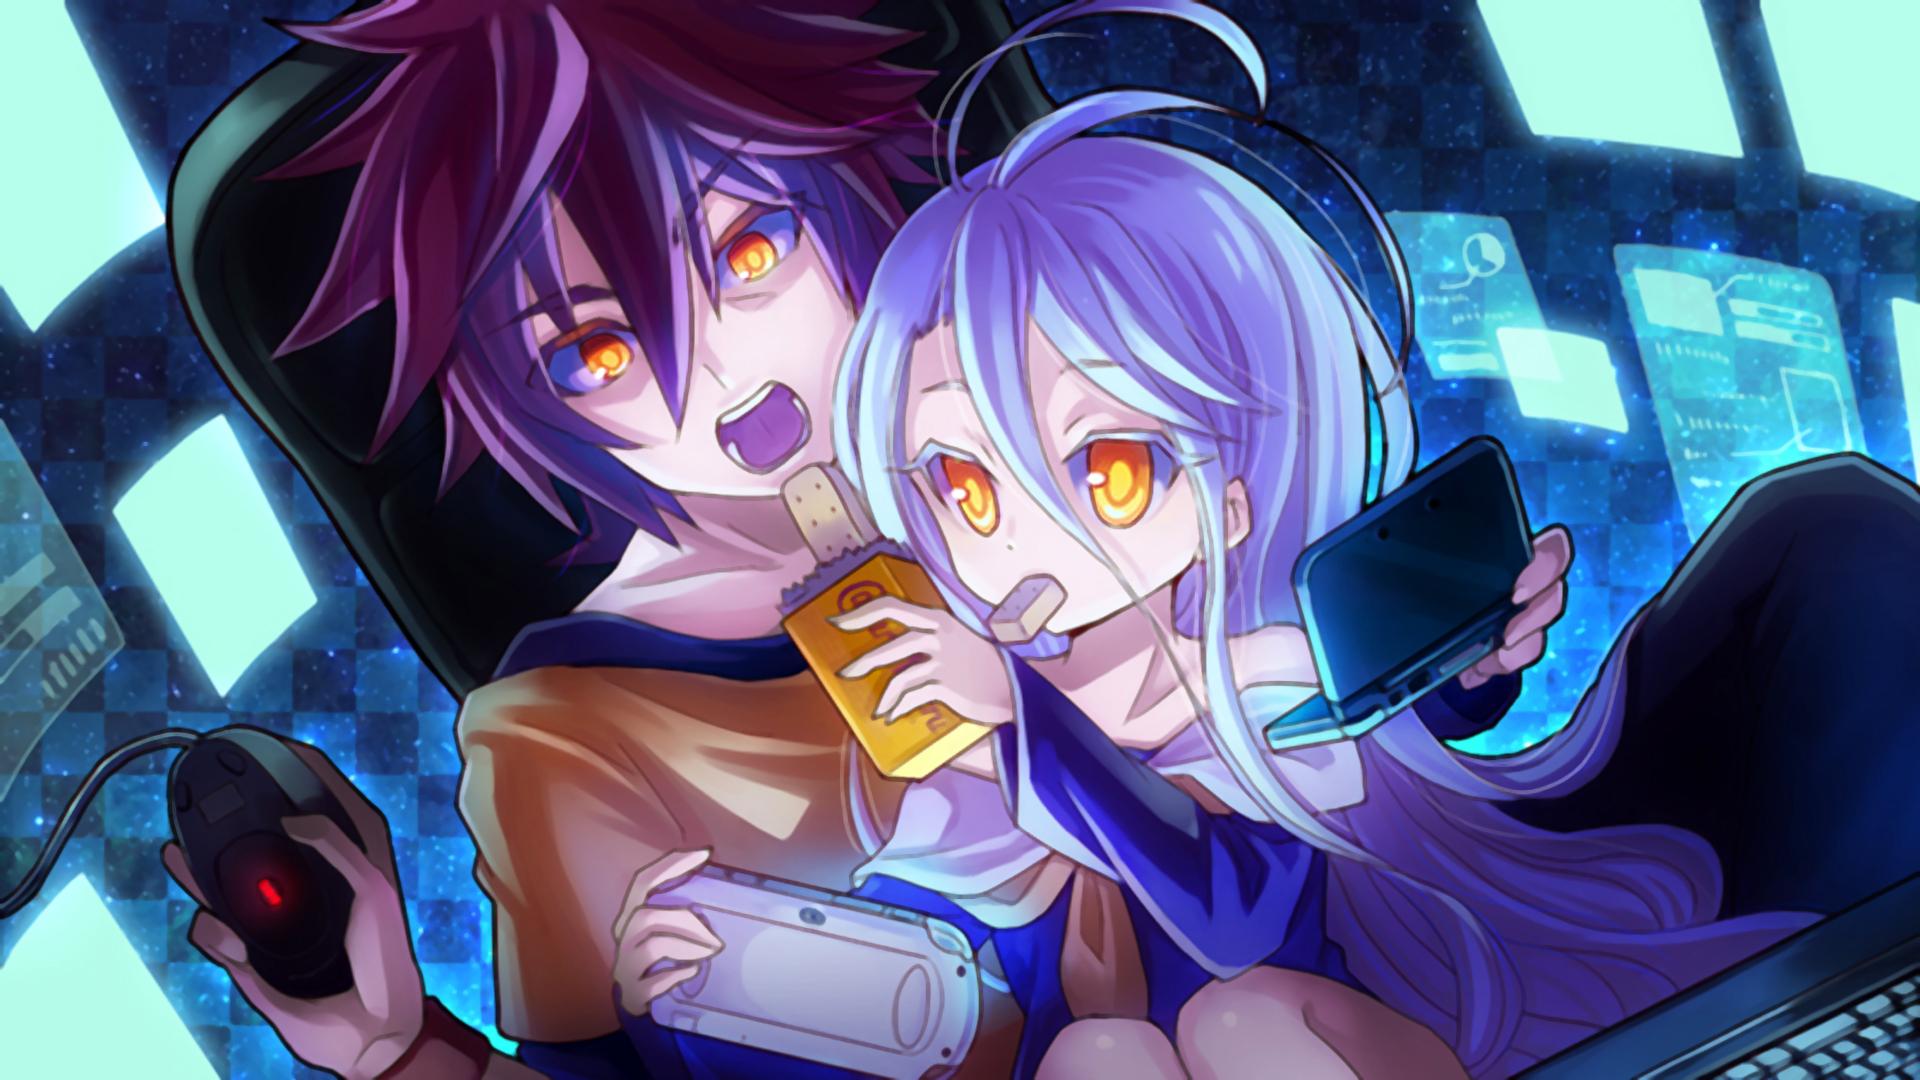 Anime Gamer Wallpaper - WallpaperSafari